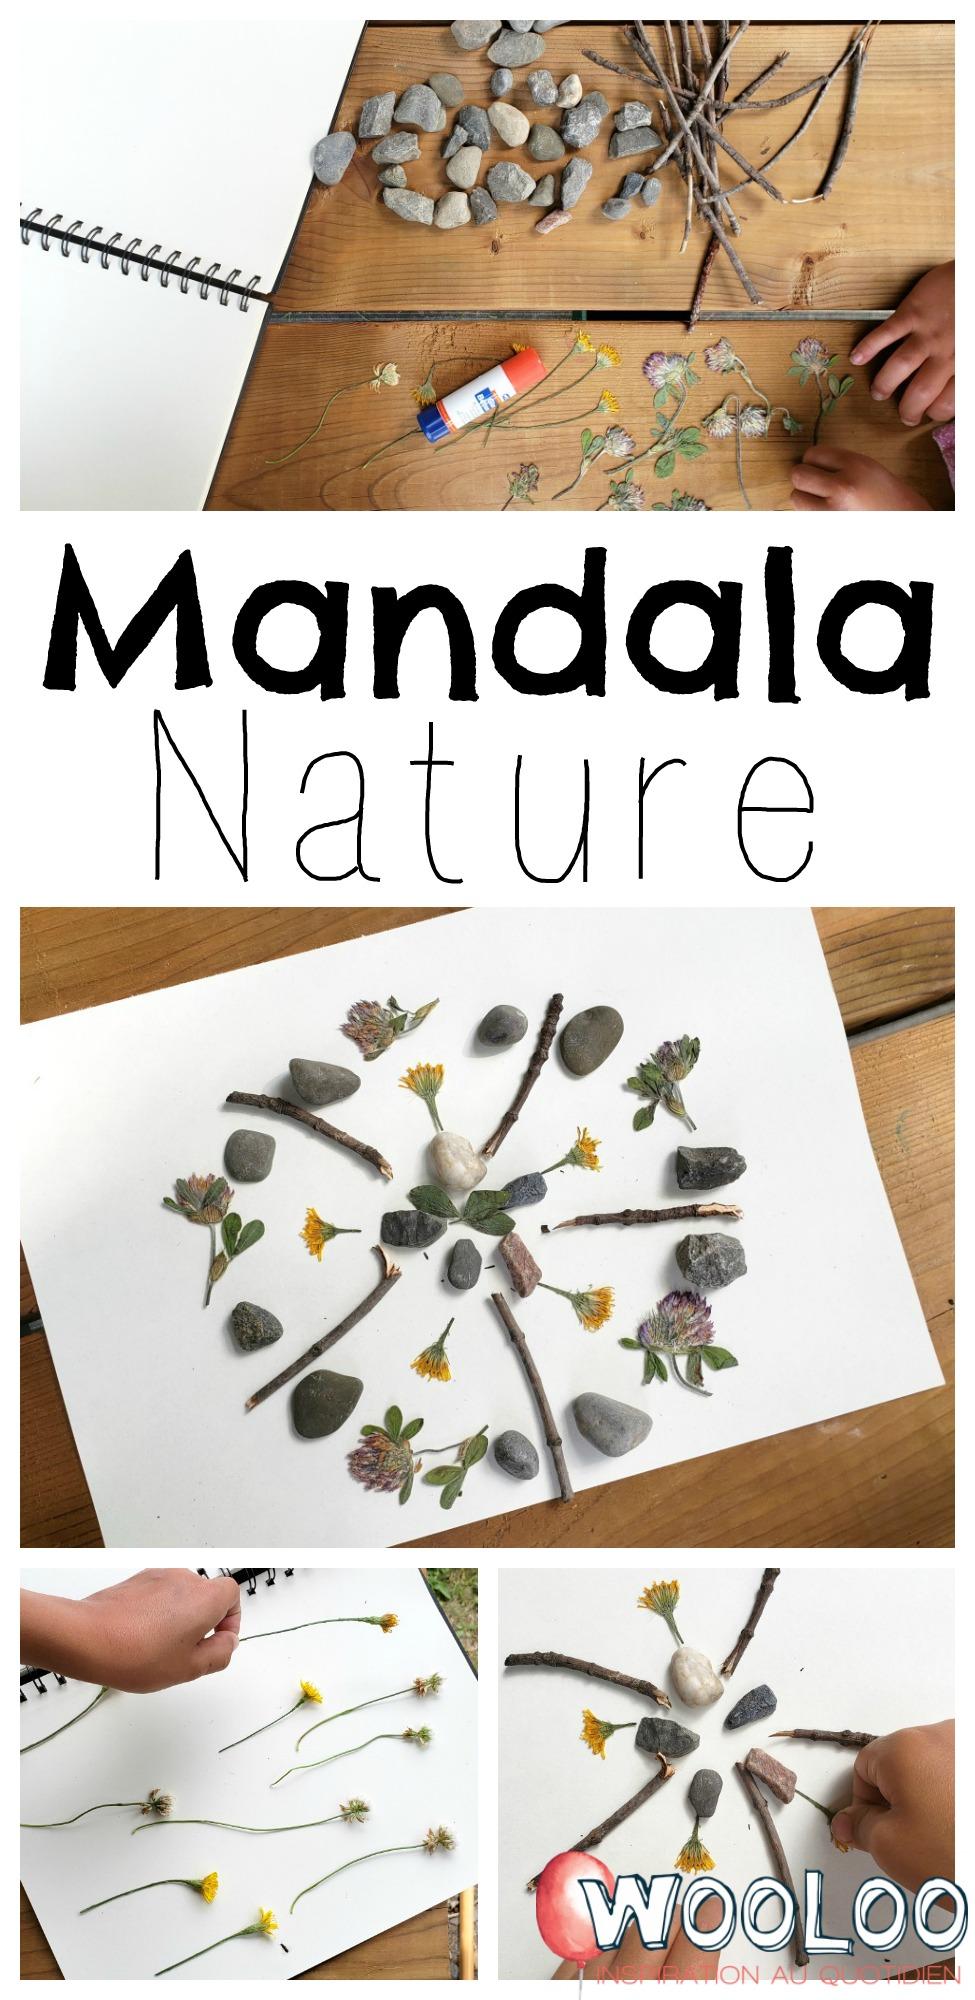 Mandala Nature wooloo